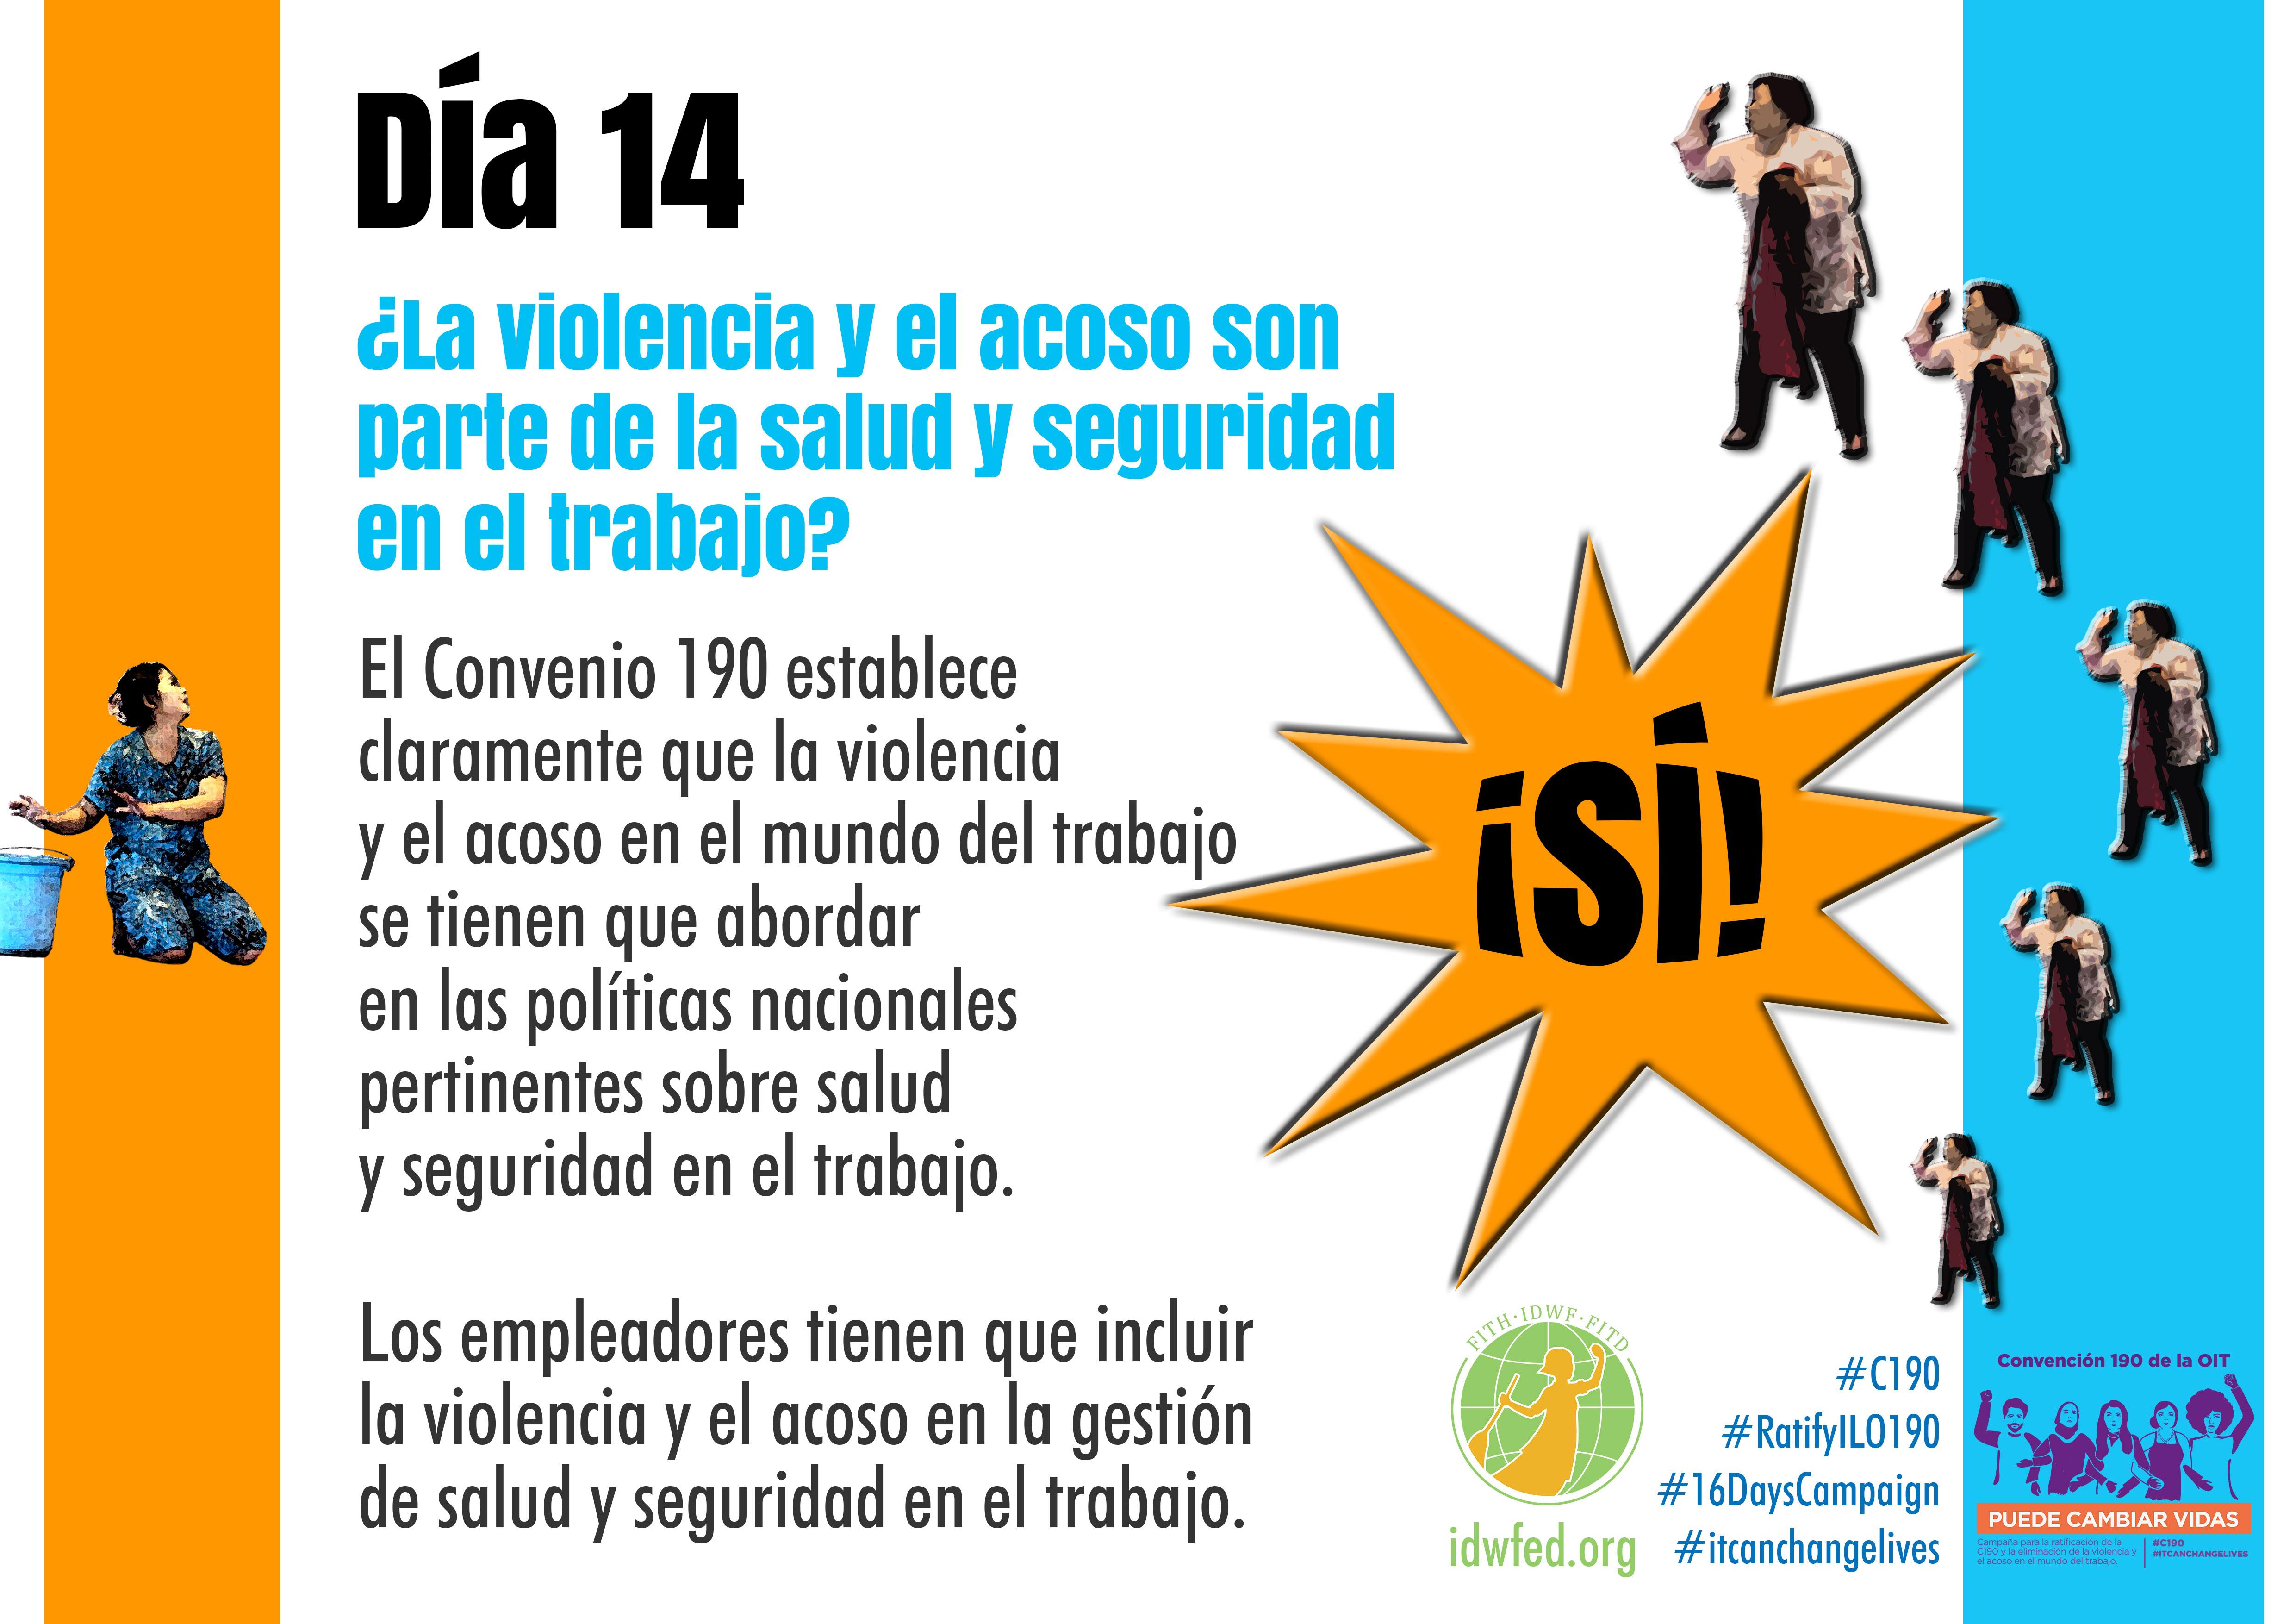 14. ¿La violencia y el acoso son parte de la salud y seguridad en el trabajo?